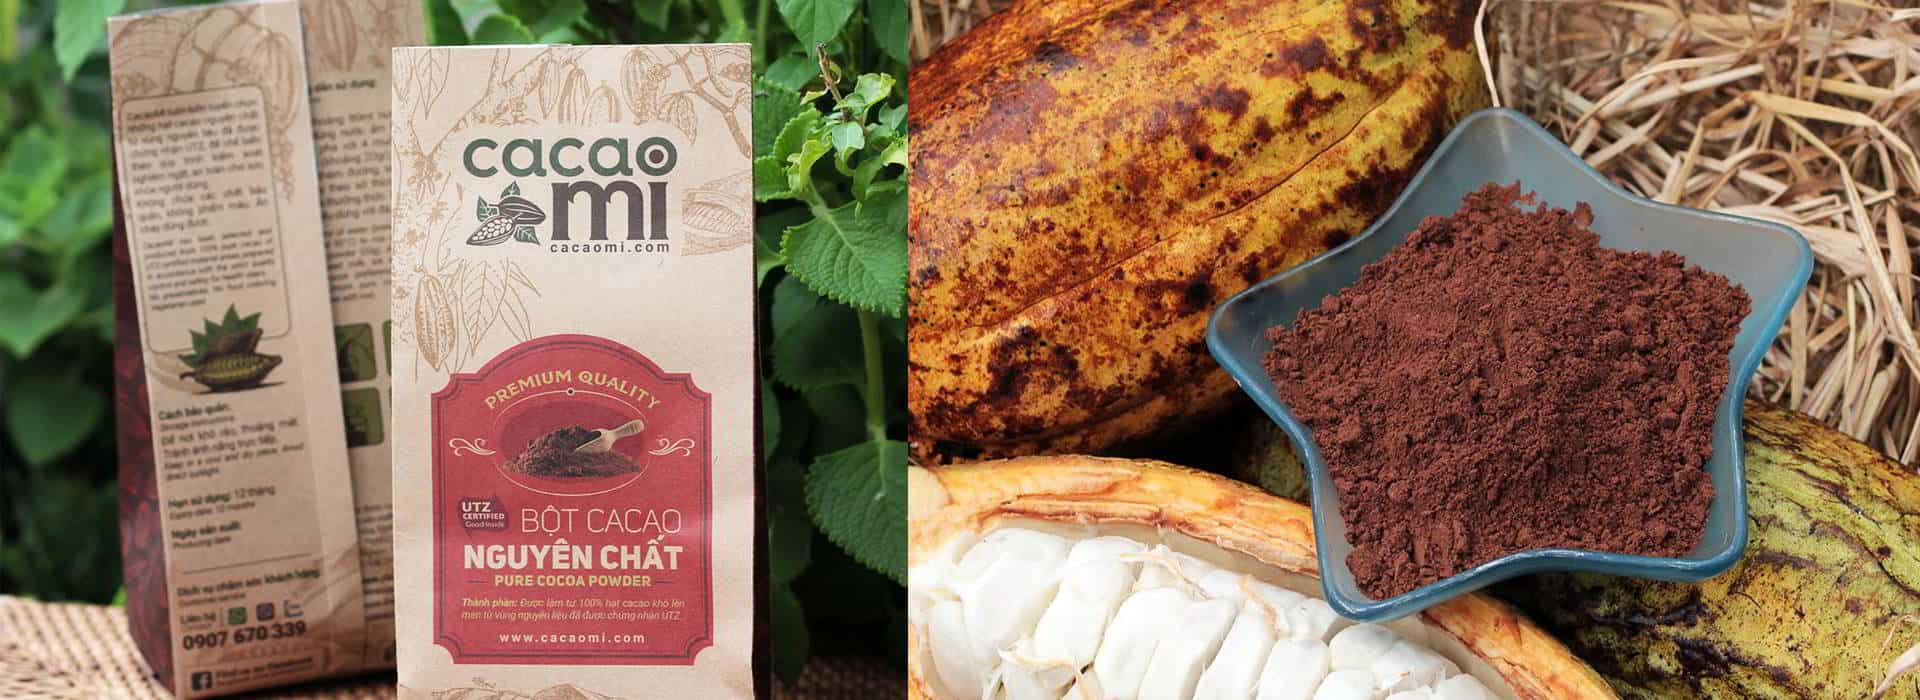 Các sản phẩm mà CacaoMi phân phối đều có chất lượng tốt nhất so với các thương hiệu cùng loại